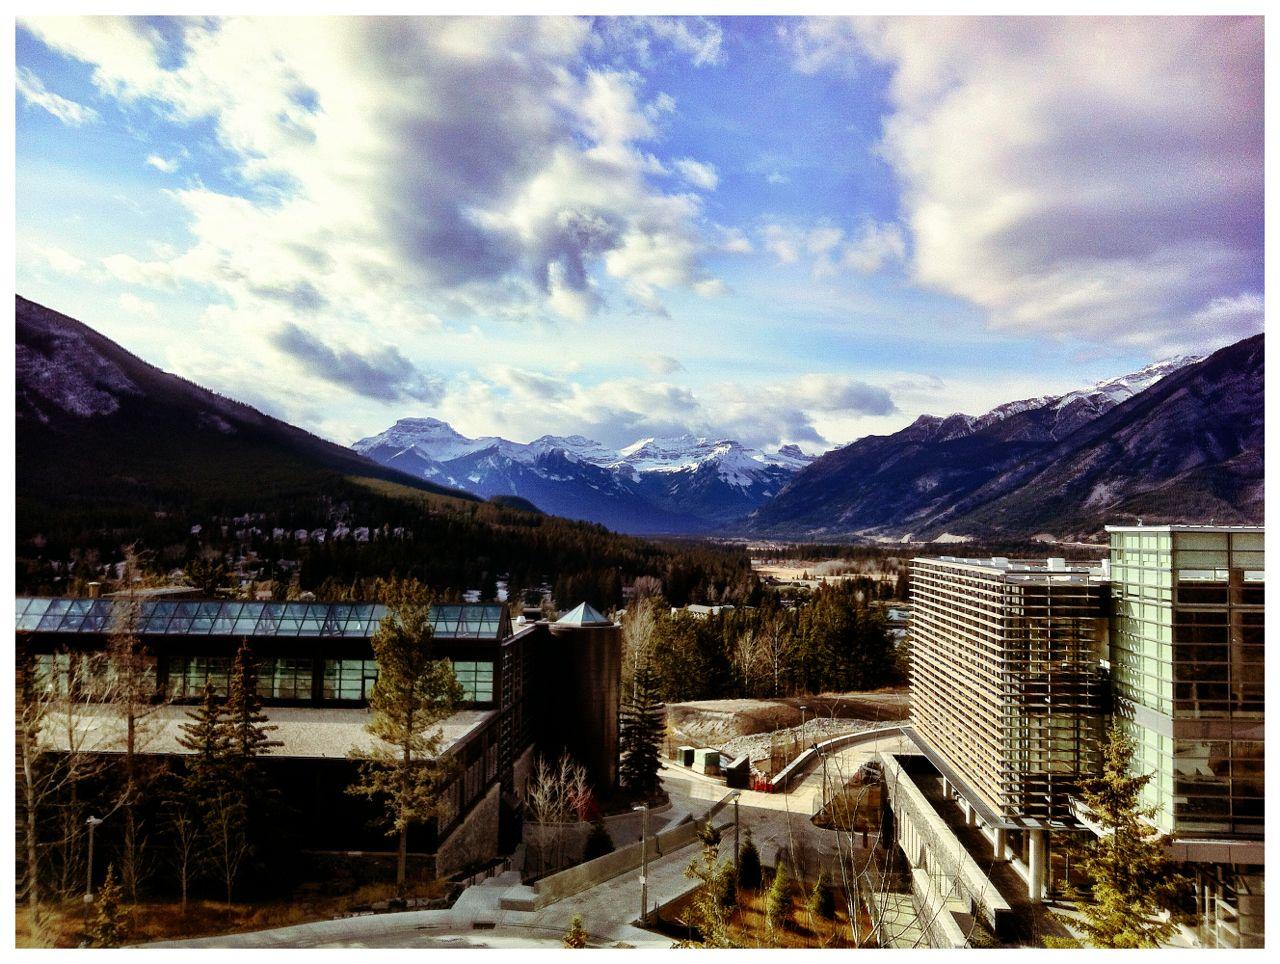 Banff Centre, Alberta, Canada